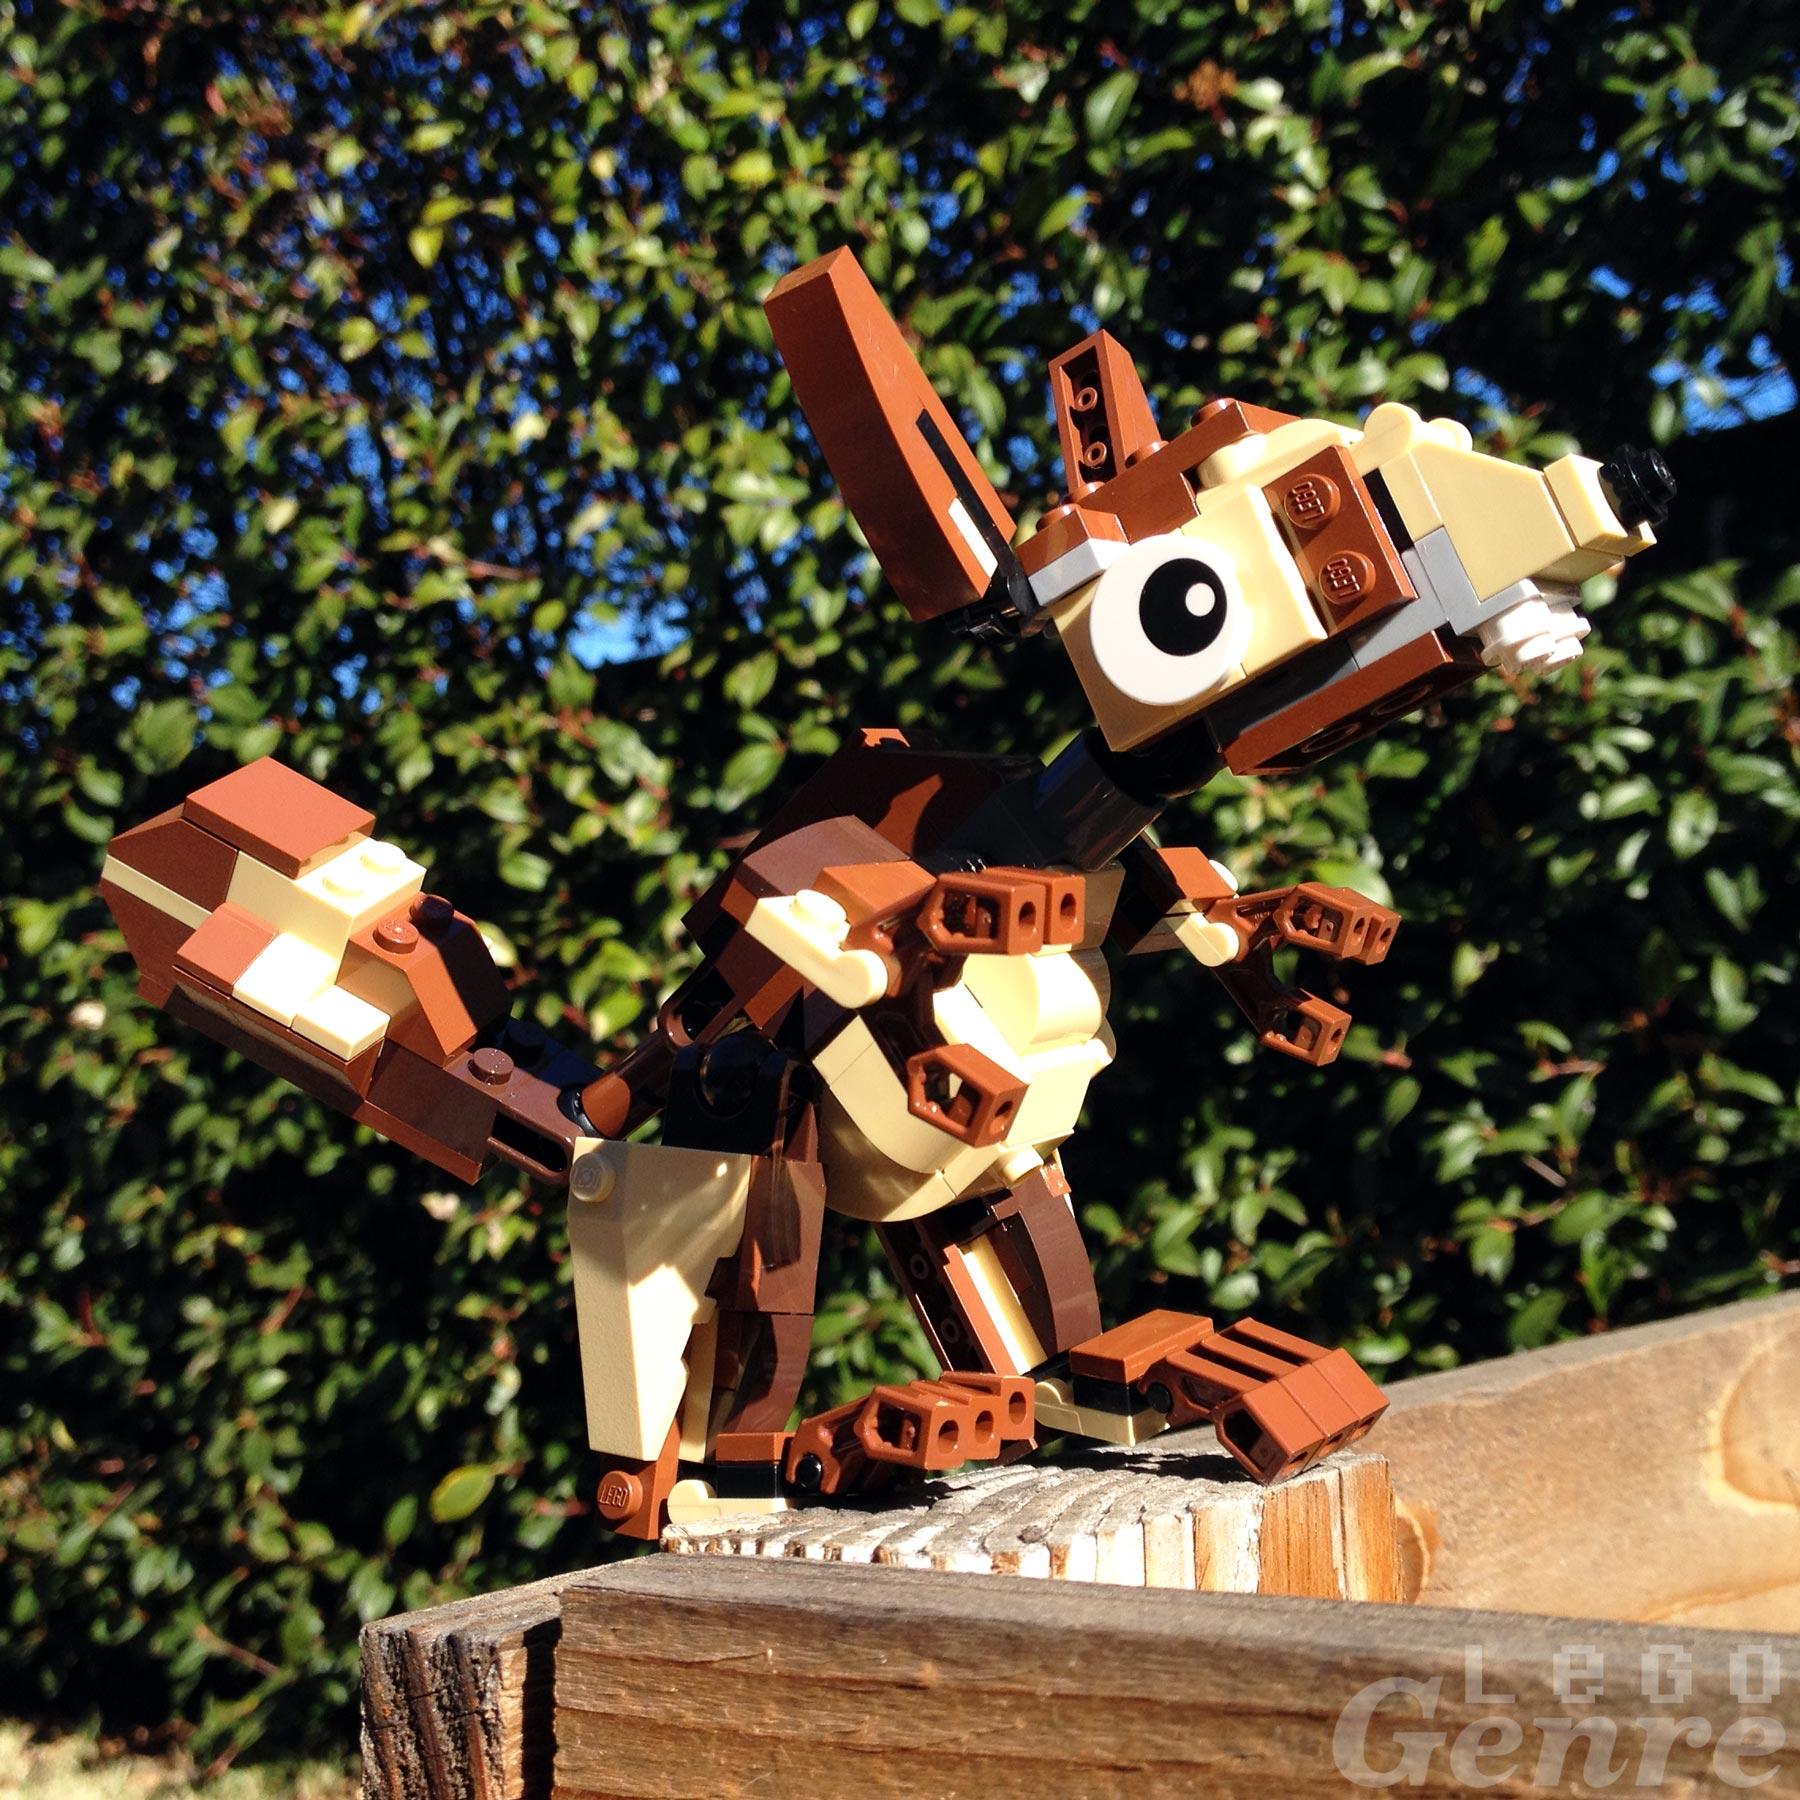 LegoGenre 00346: Squirrel